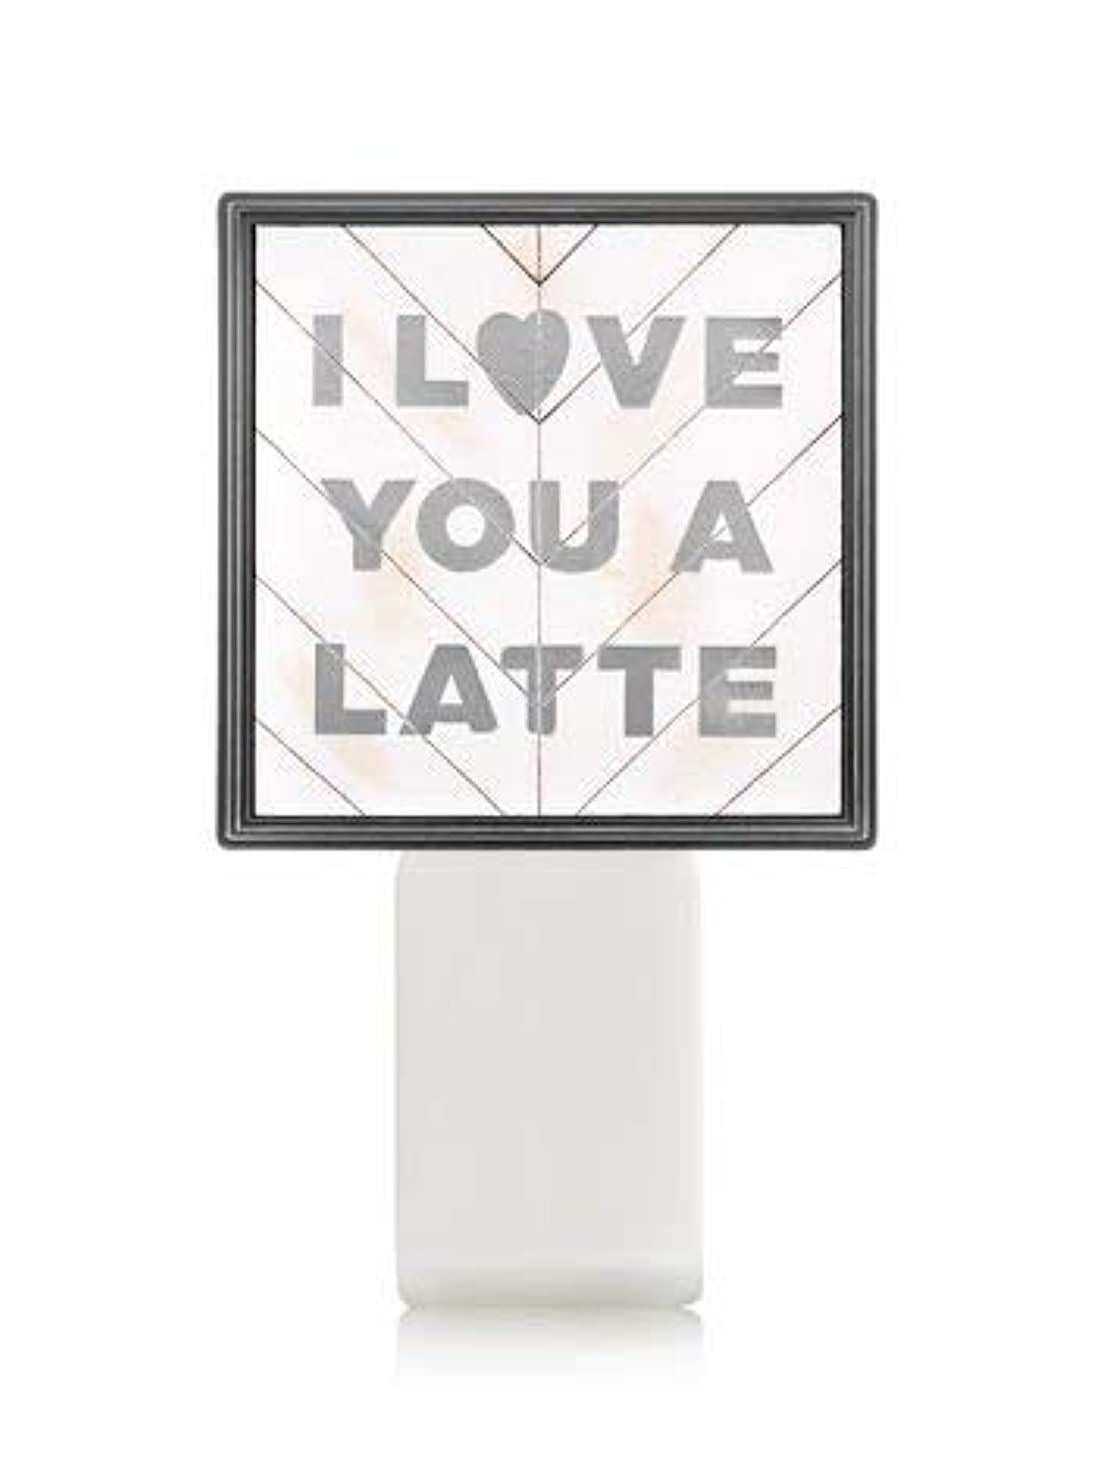 引っ張る信頼性のあるダルセット【Bath&Body Works/バス&ボディワークス】 ルームフレグランス プラグインスターター (本体のみ) アイラブユー Wallflowers Fragrance Plug I Love You a Latte [並行輸入品]